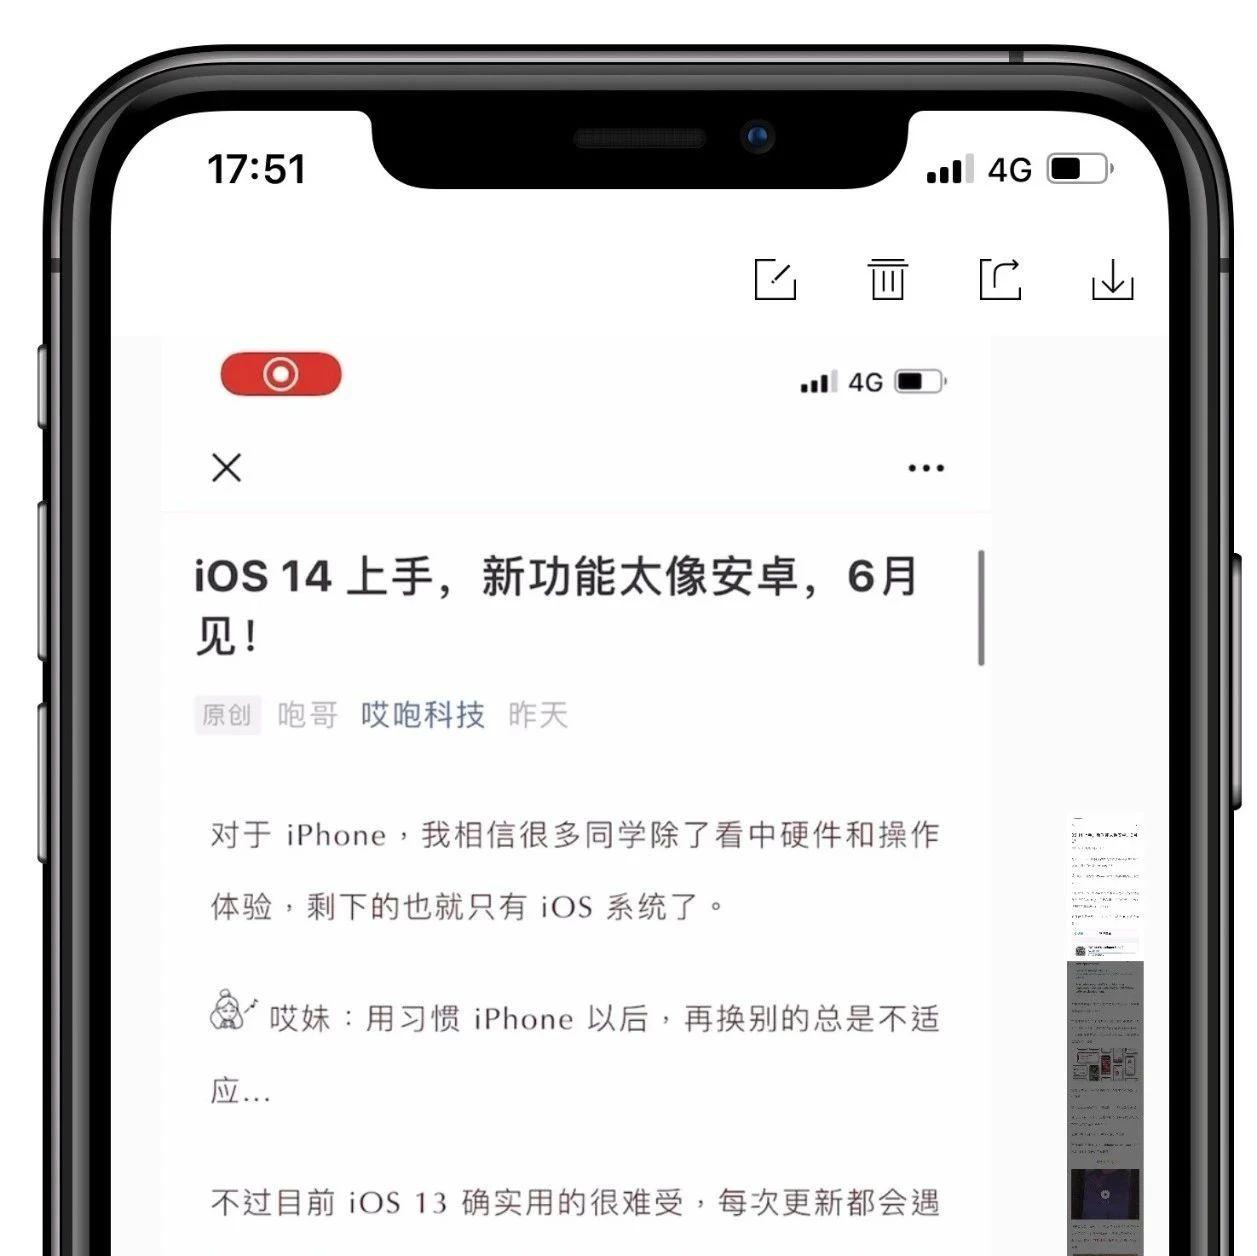 iPhone 也可以原生截长图了,快来试试!